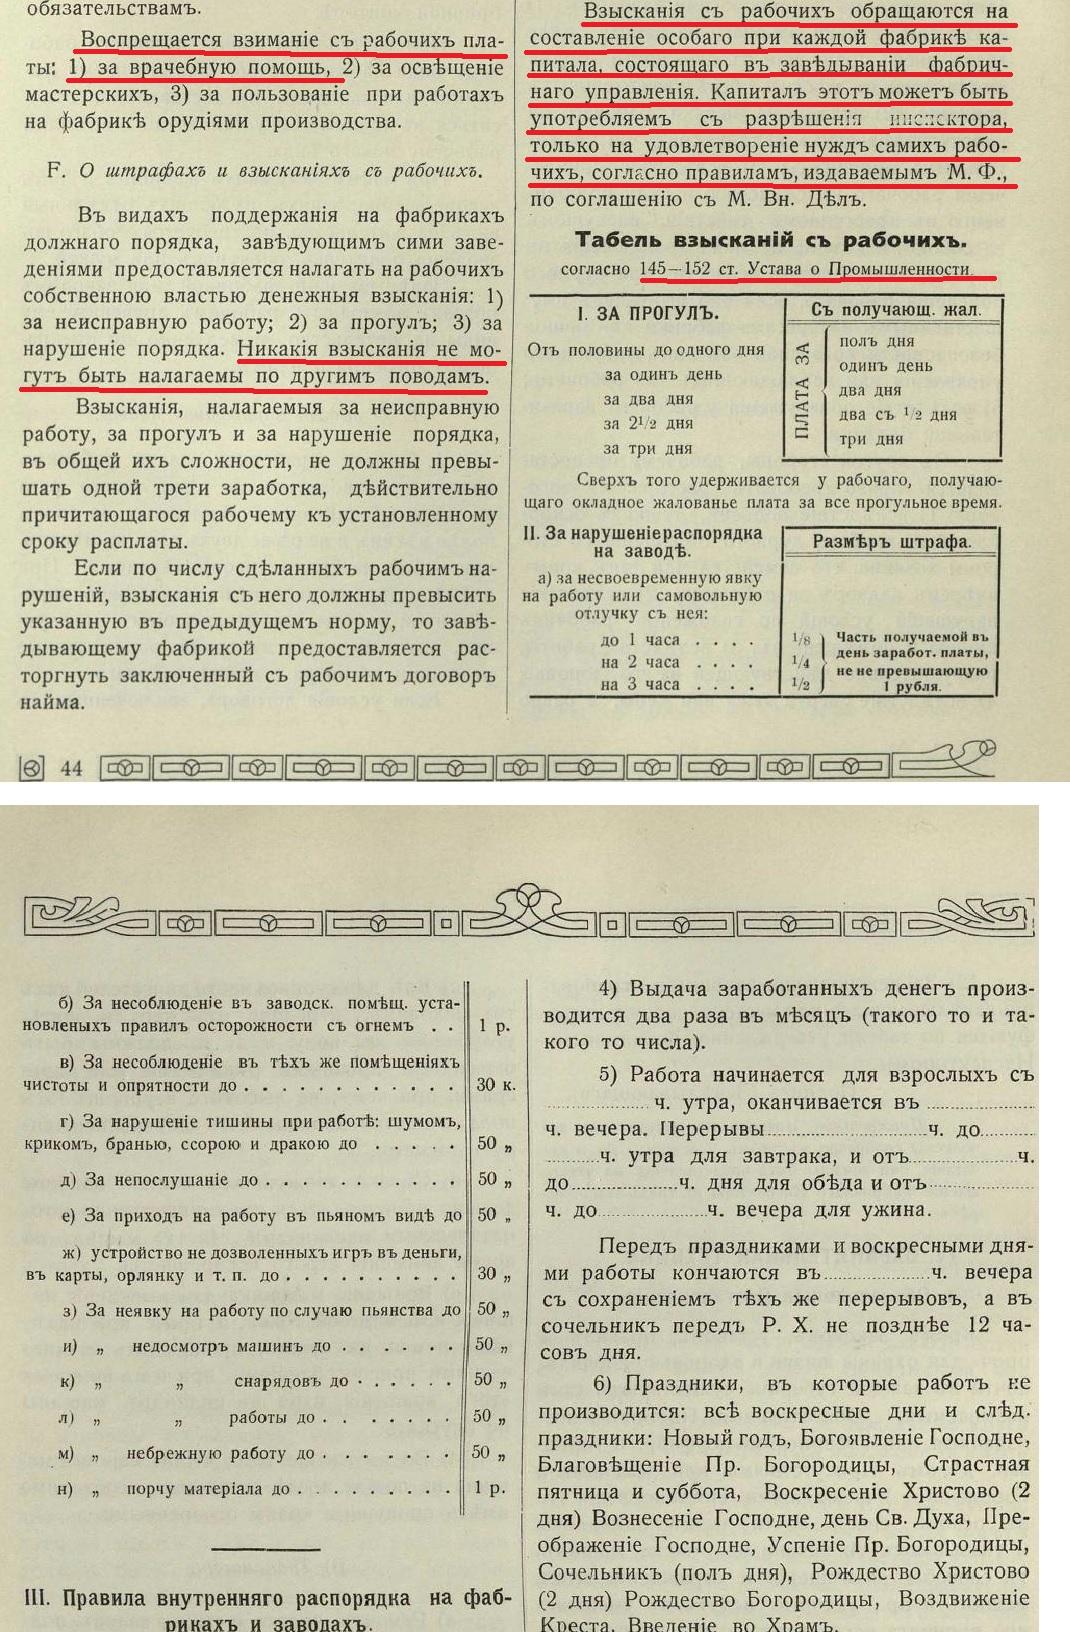 Взыскания с рабочих на фабриках и заводах Российской Империи.